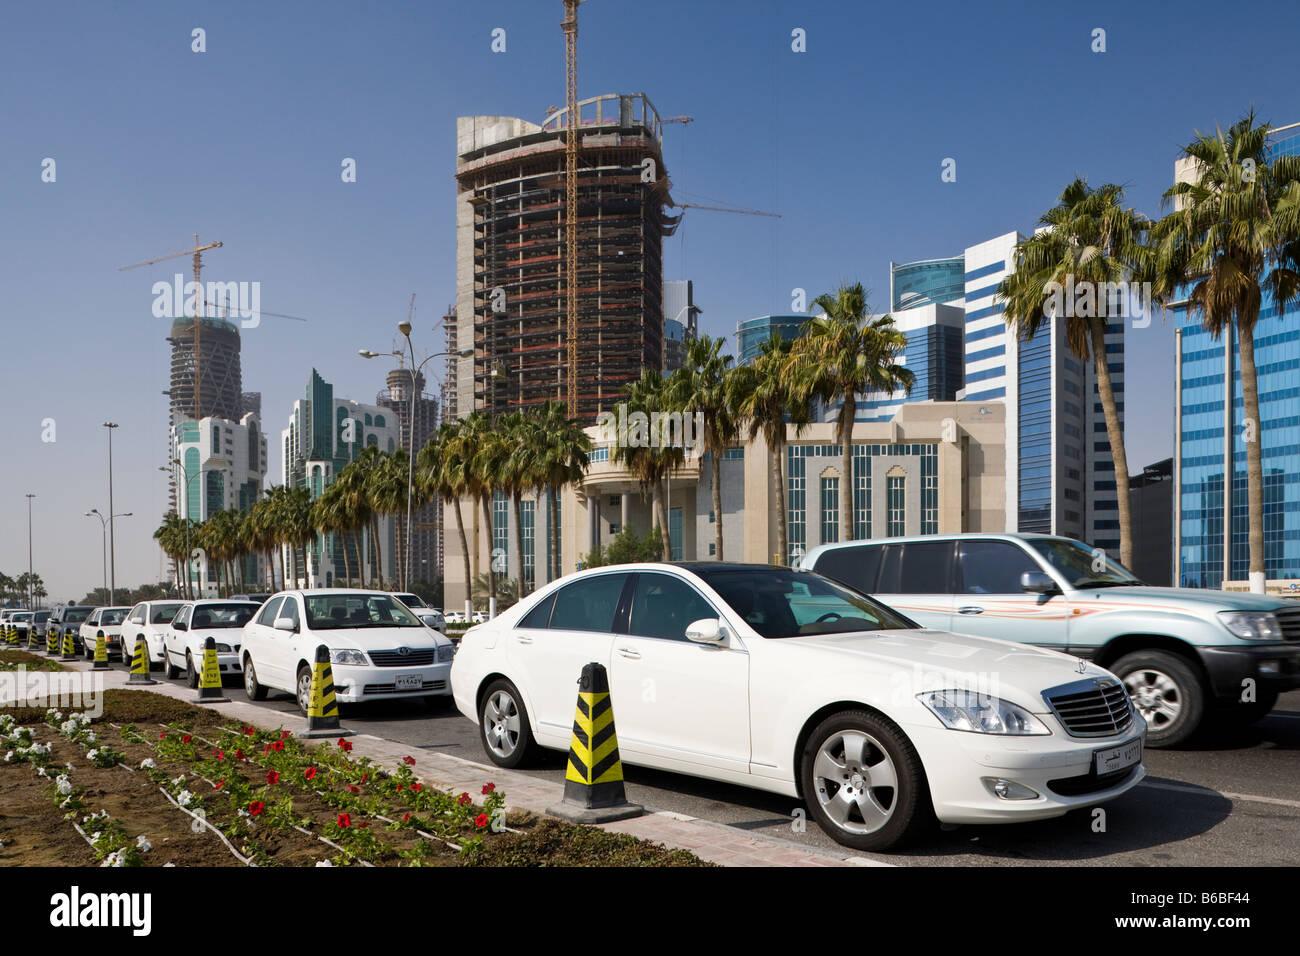 Le trafic et la construction de tours d'habitation à Doha, Qatar Photo Stock